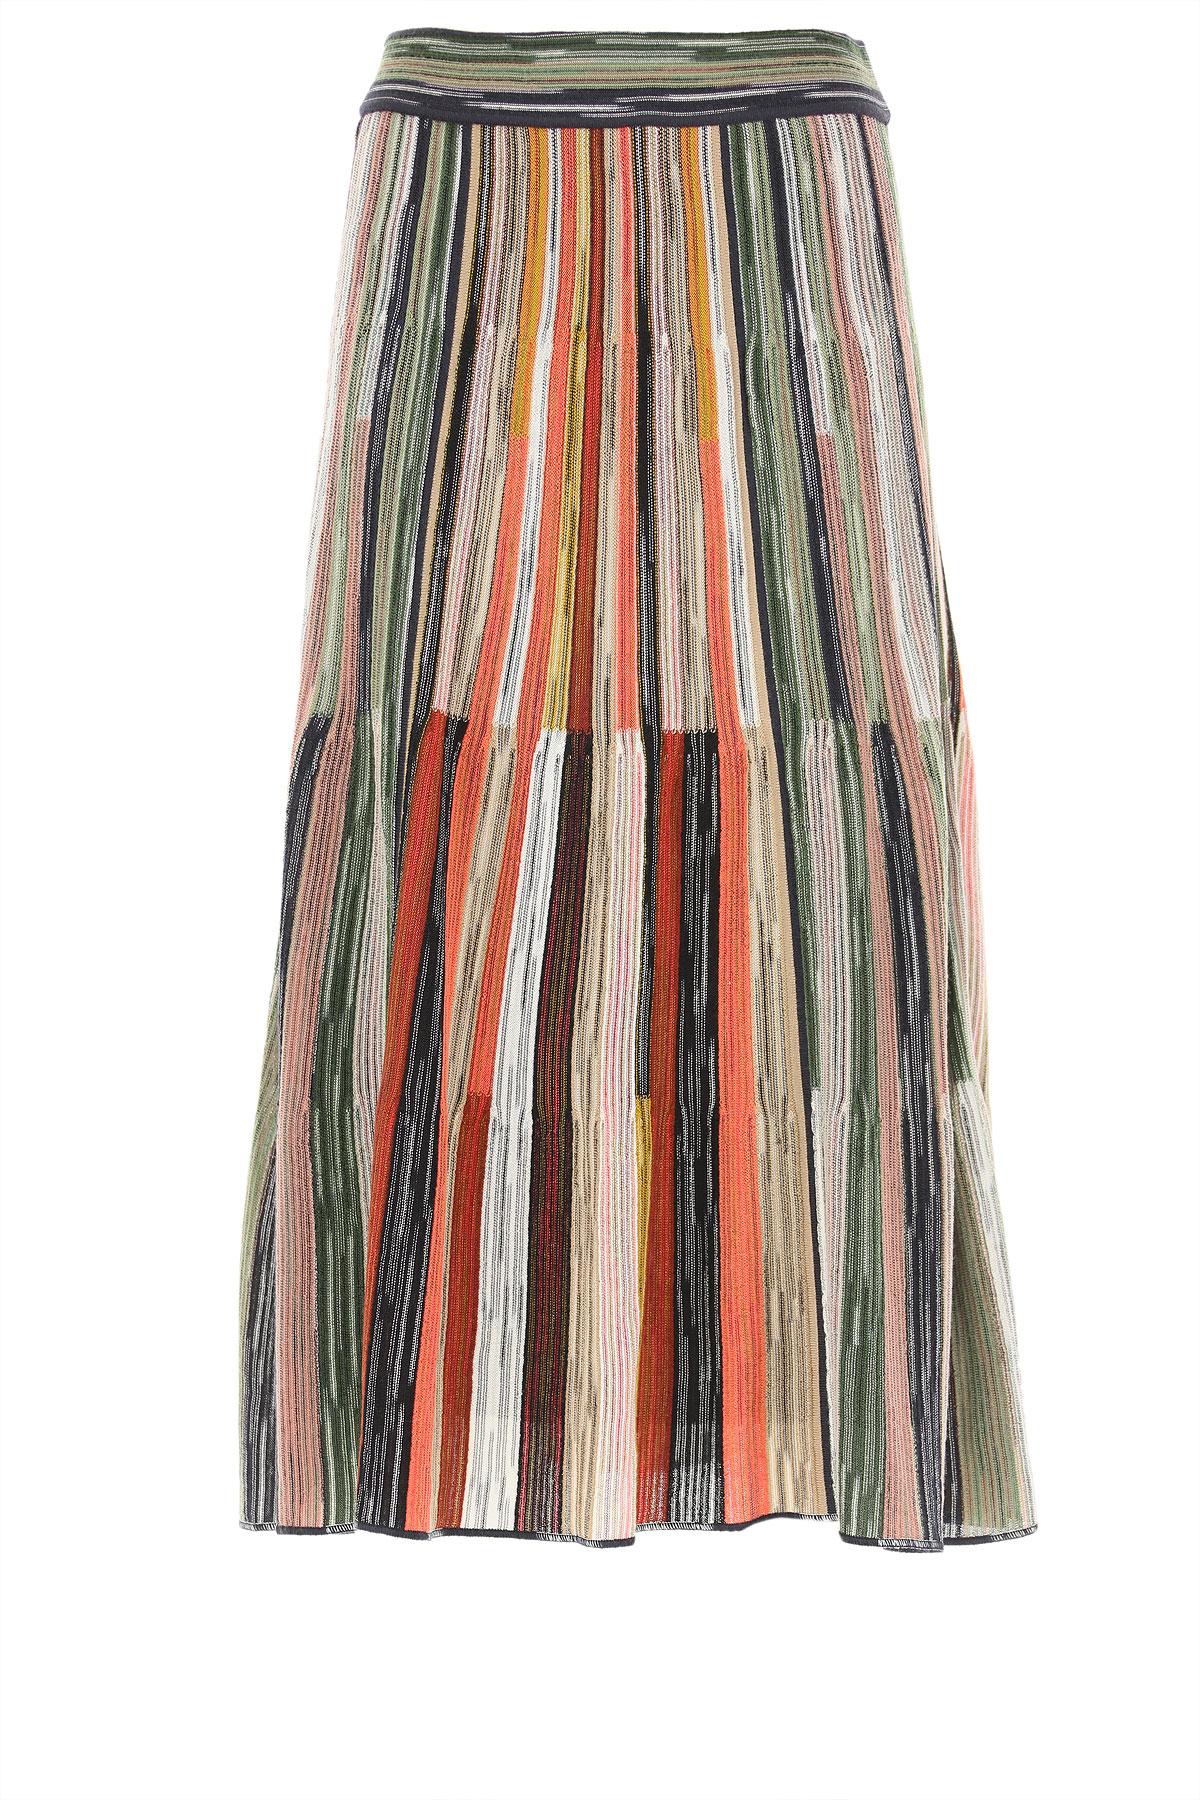 Missoni Skirt for Women On Sale, Multicolor, fleece wool, 2019, 26 28